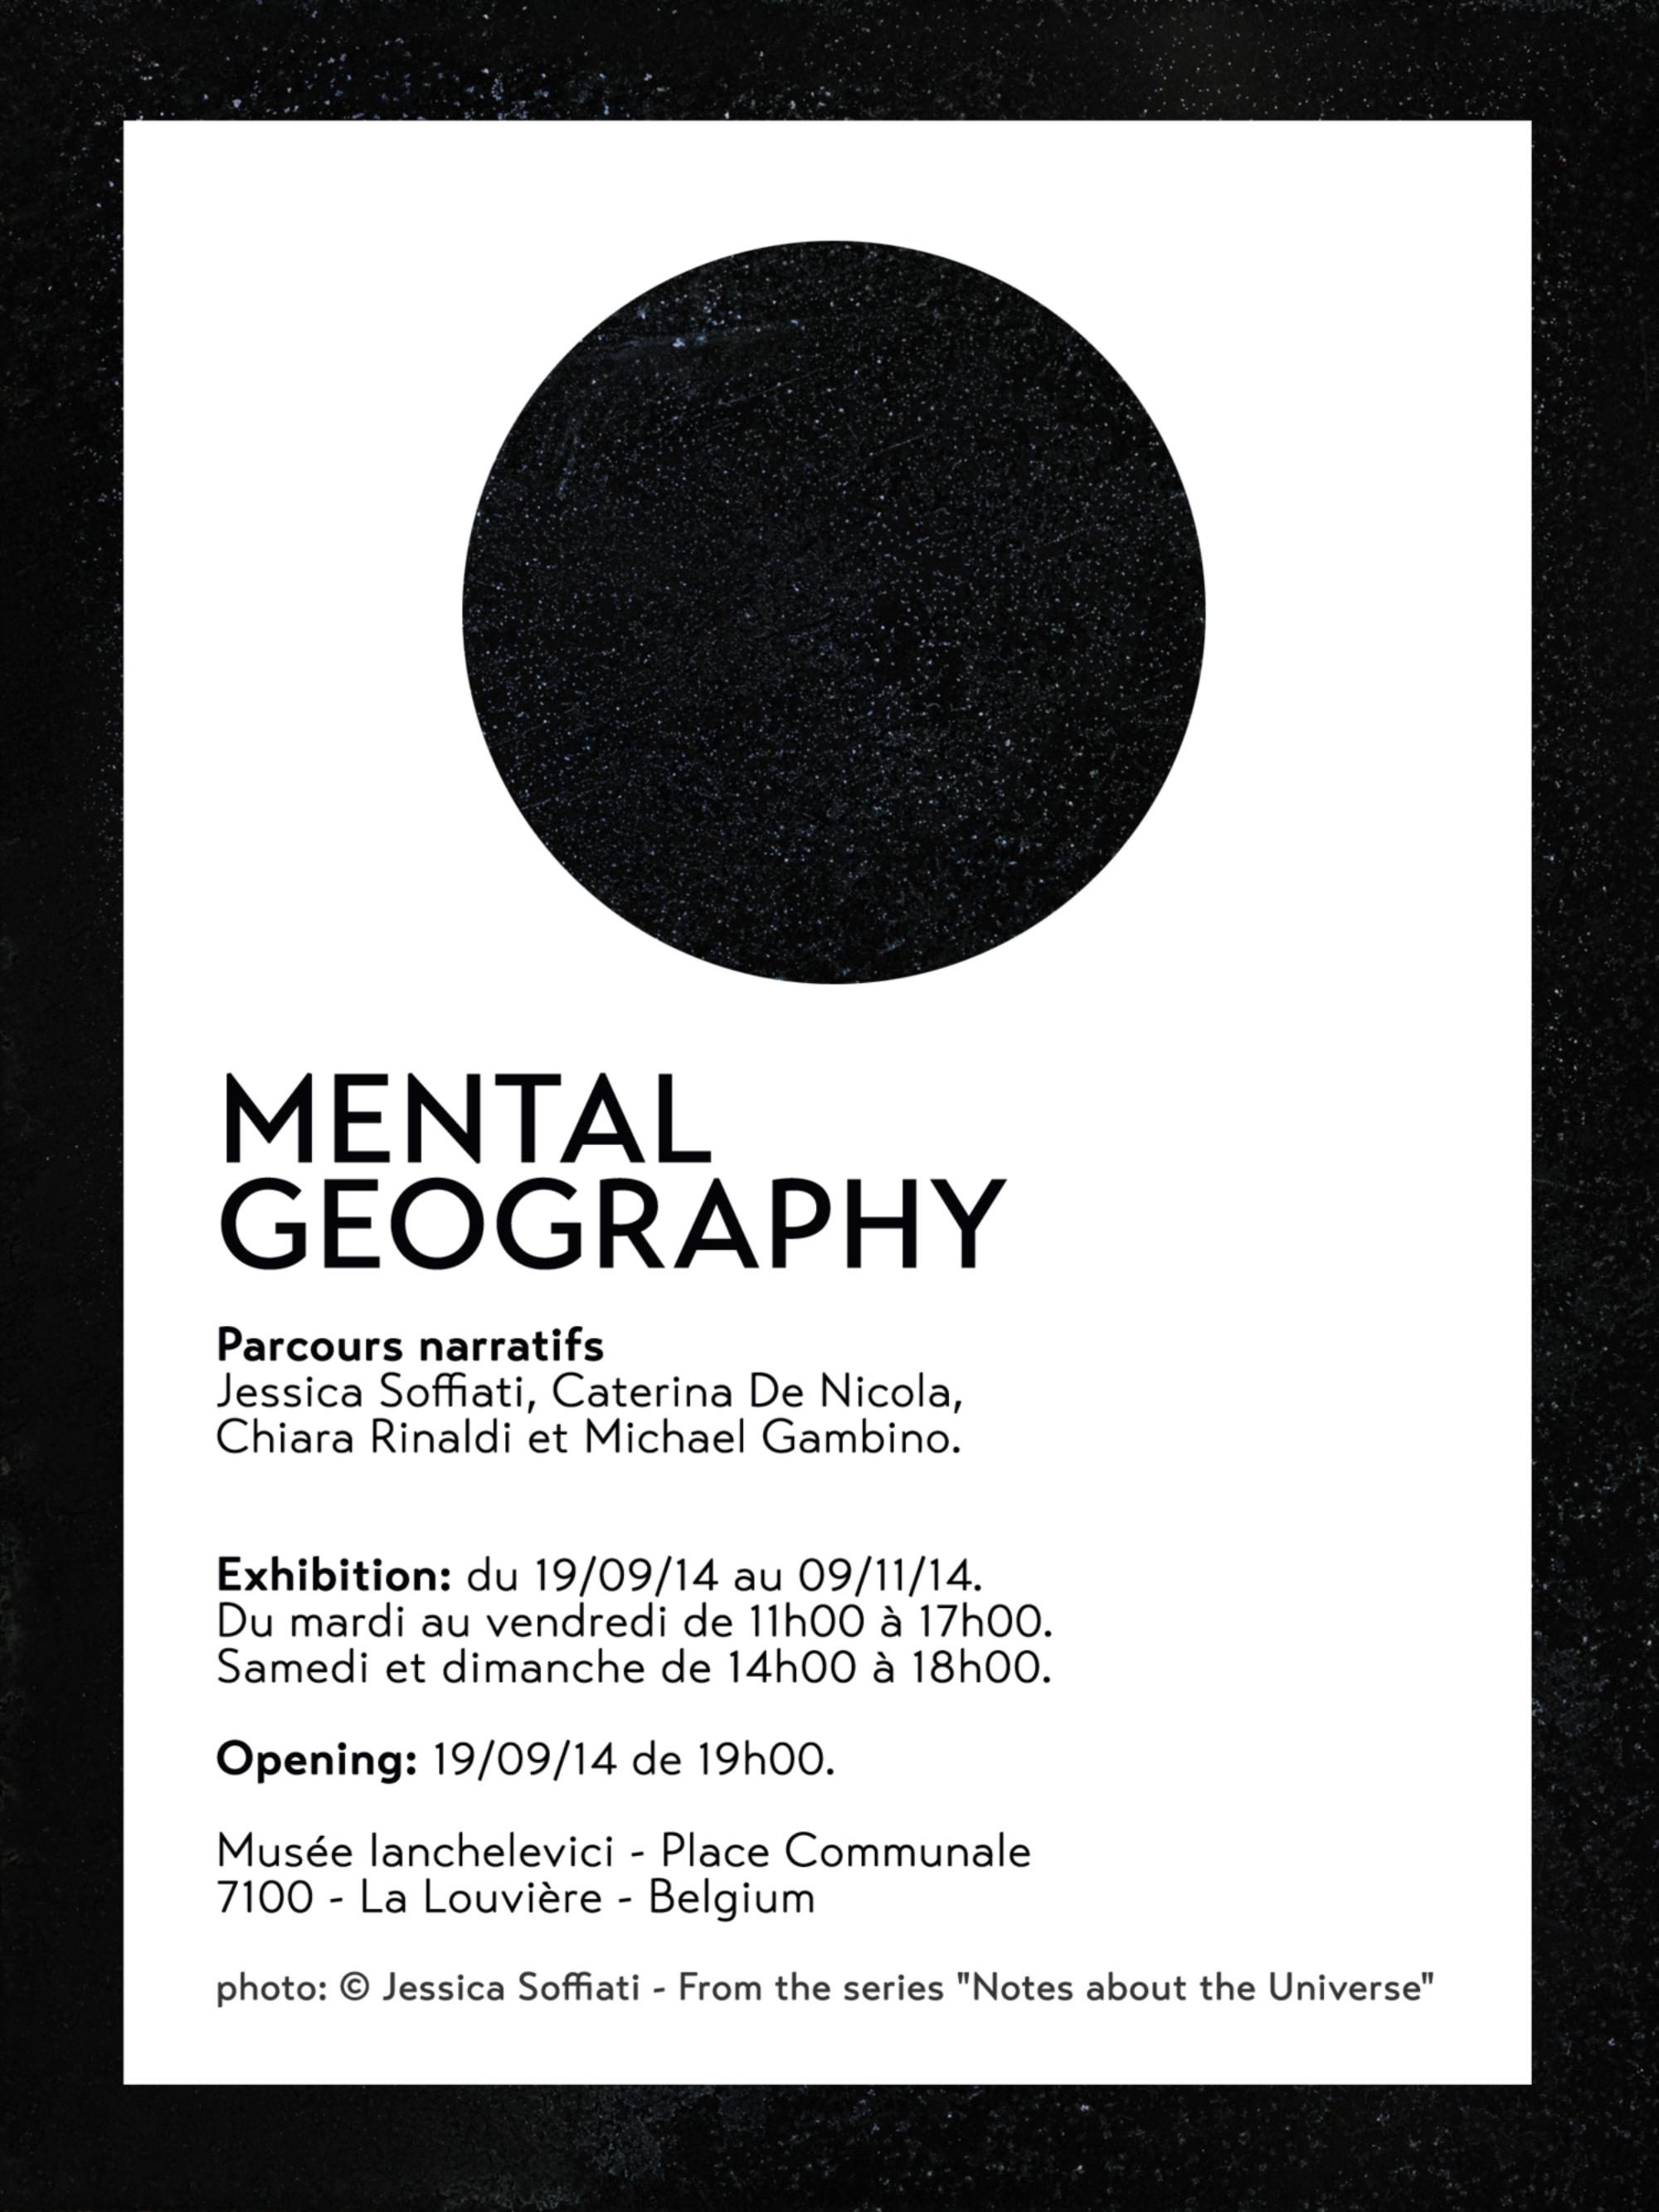 """« Les travaux présentés ici s'articulent autour de la question de la """"géographie mentale"""" : comment l'esprit transforme la vision de l'espace ? L'espace réel devient un """"espace mental"""" pour l'artiste, comme sa propre carte intérieure du monde connu qu'il peut ordonner et transformer. Une zone d'interactions, une """"boîte"""" où la mémoire, les sentiments, la vie de l'artiste sont combinés et deviennent une partie de l'espace physique. La représentation des processus mentaux comme la perception, la mémoire, le langage et la pensée abstraite. Tout devient """"possible"""", """"contingent"""" (contingentia) – rien n'est vrai ni faux sous chacune de ces évaluations possibles.»"""